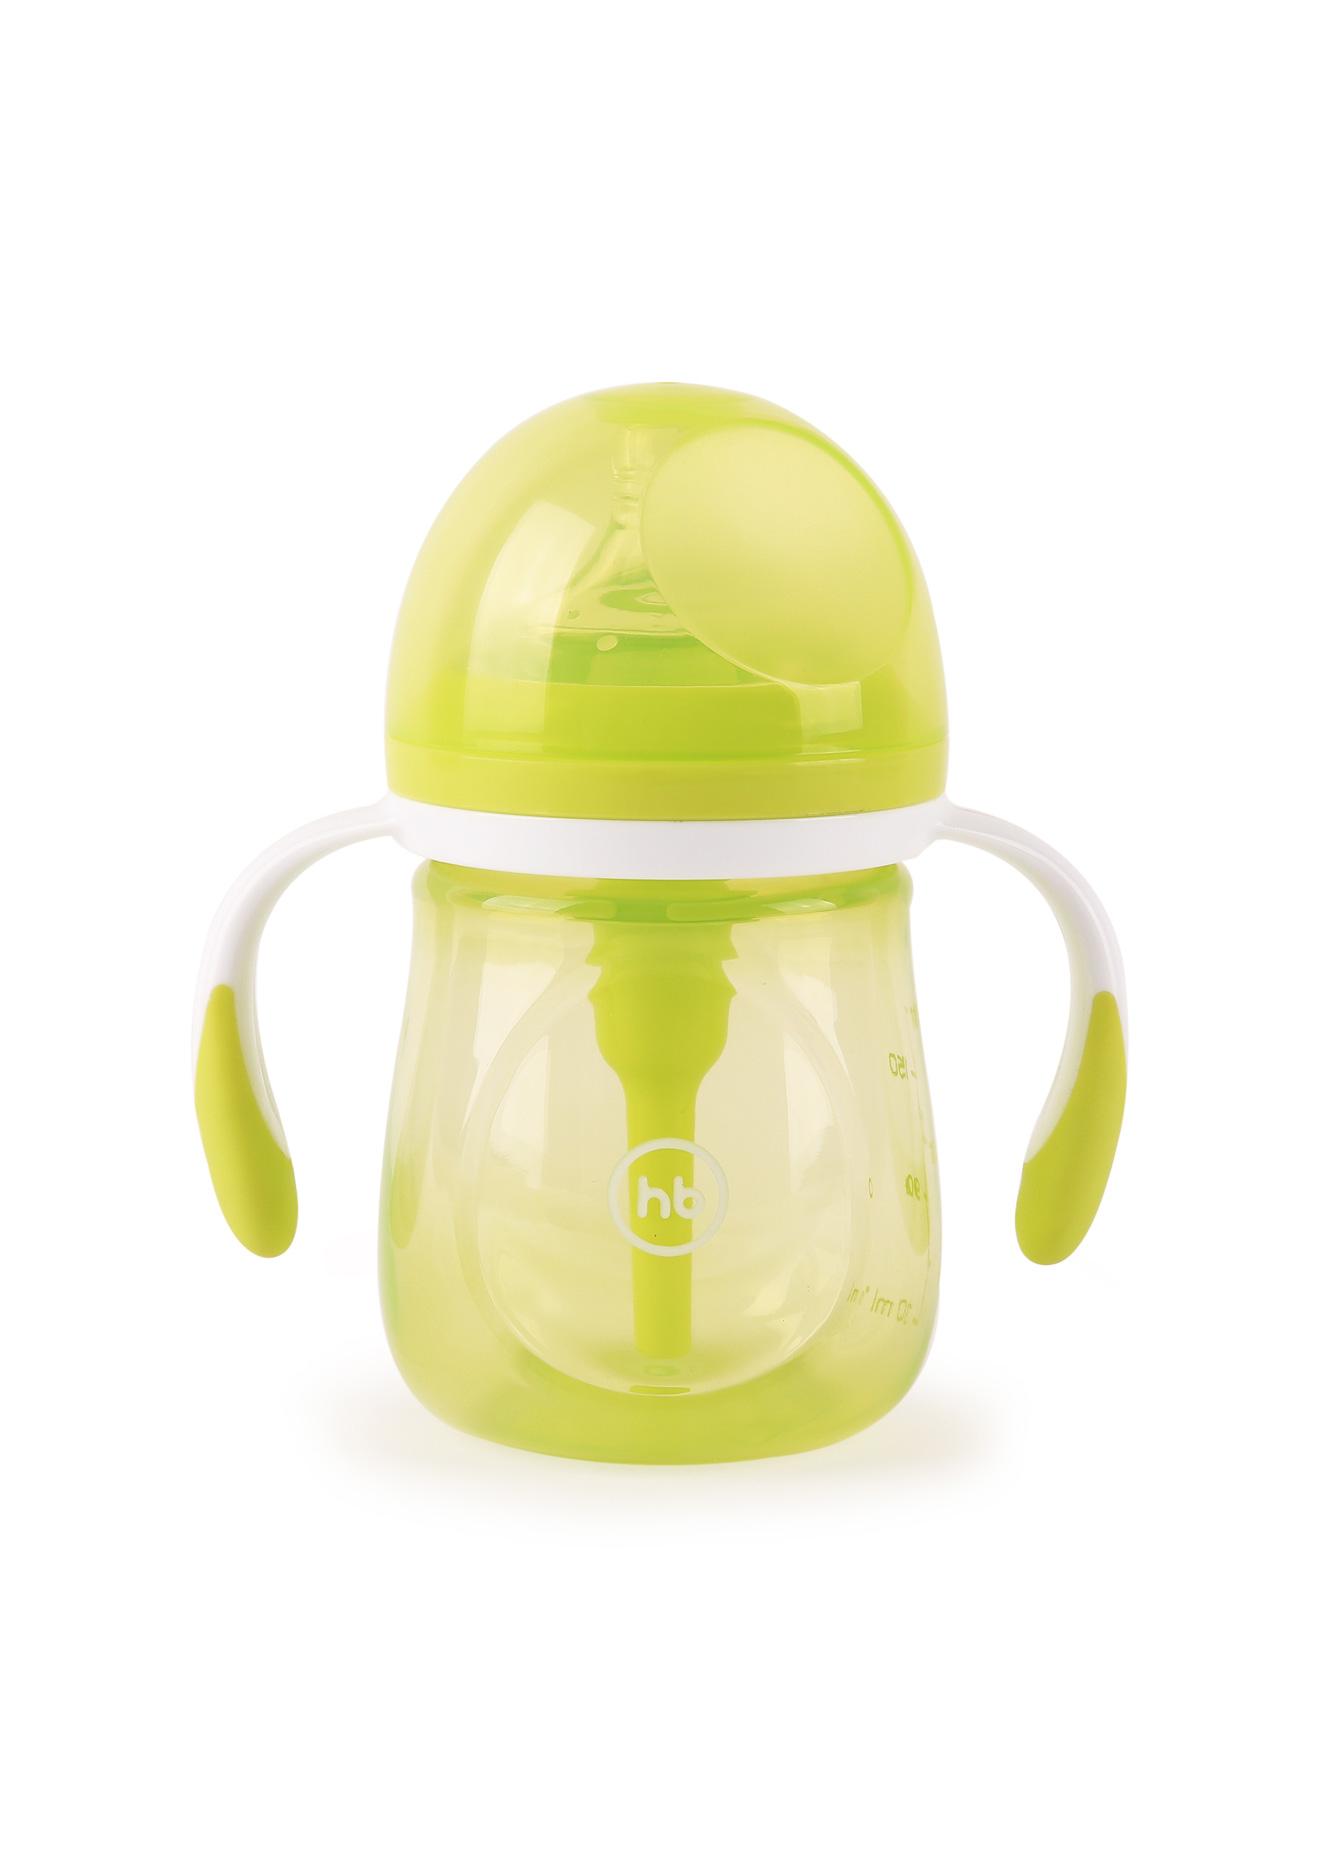 Бутылочка для кормления Happy baby с ручками и силиконовой соской 180 мл